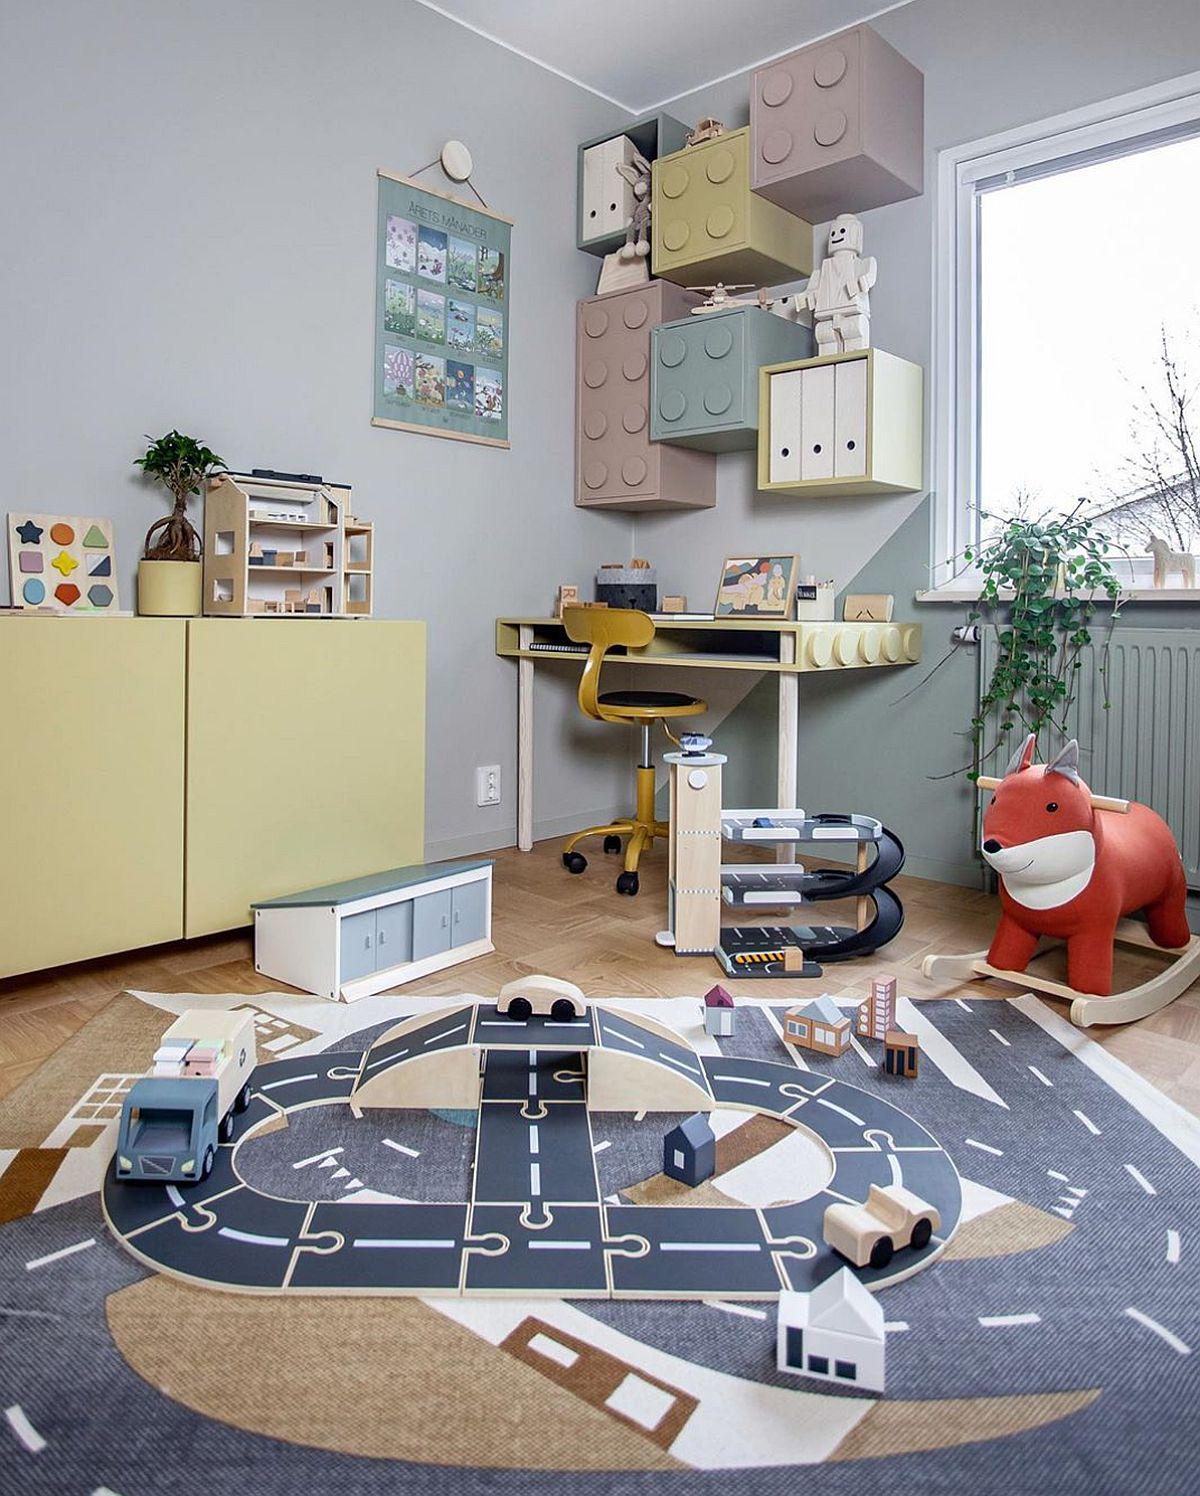 Centrul camerei este liber pentru joacă, de aceea un covor cu trasee devine alt prilej pentru distracția celor mici.